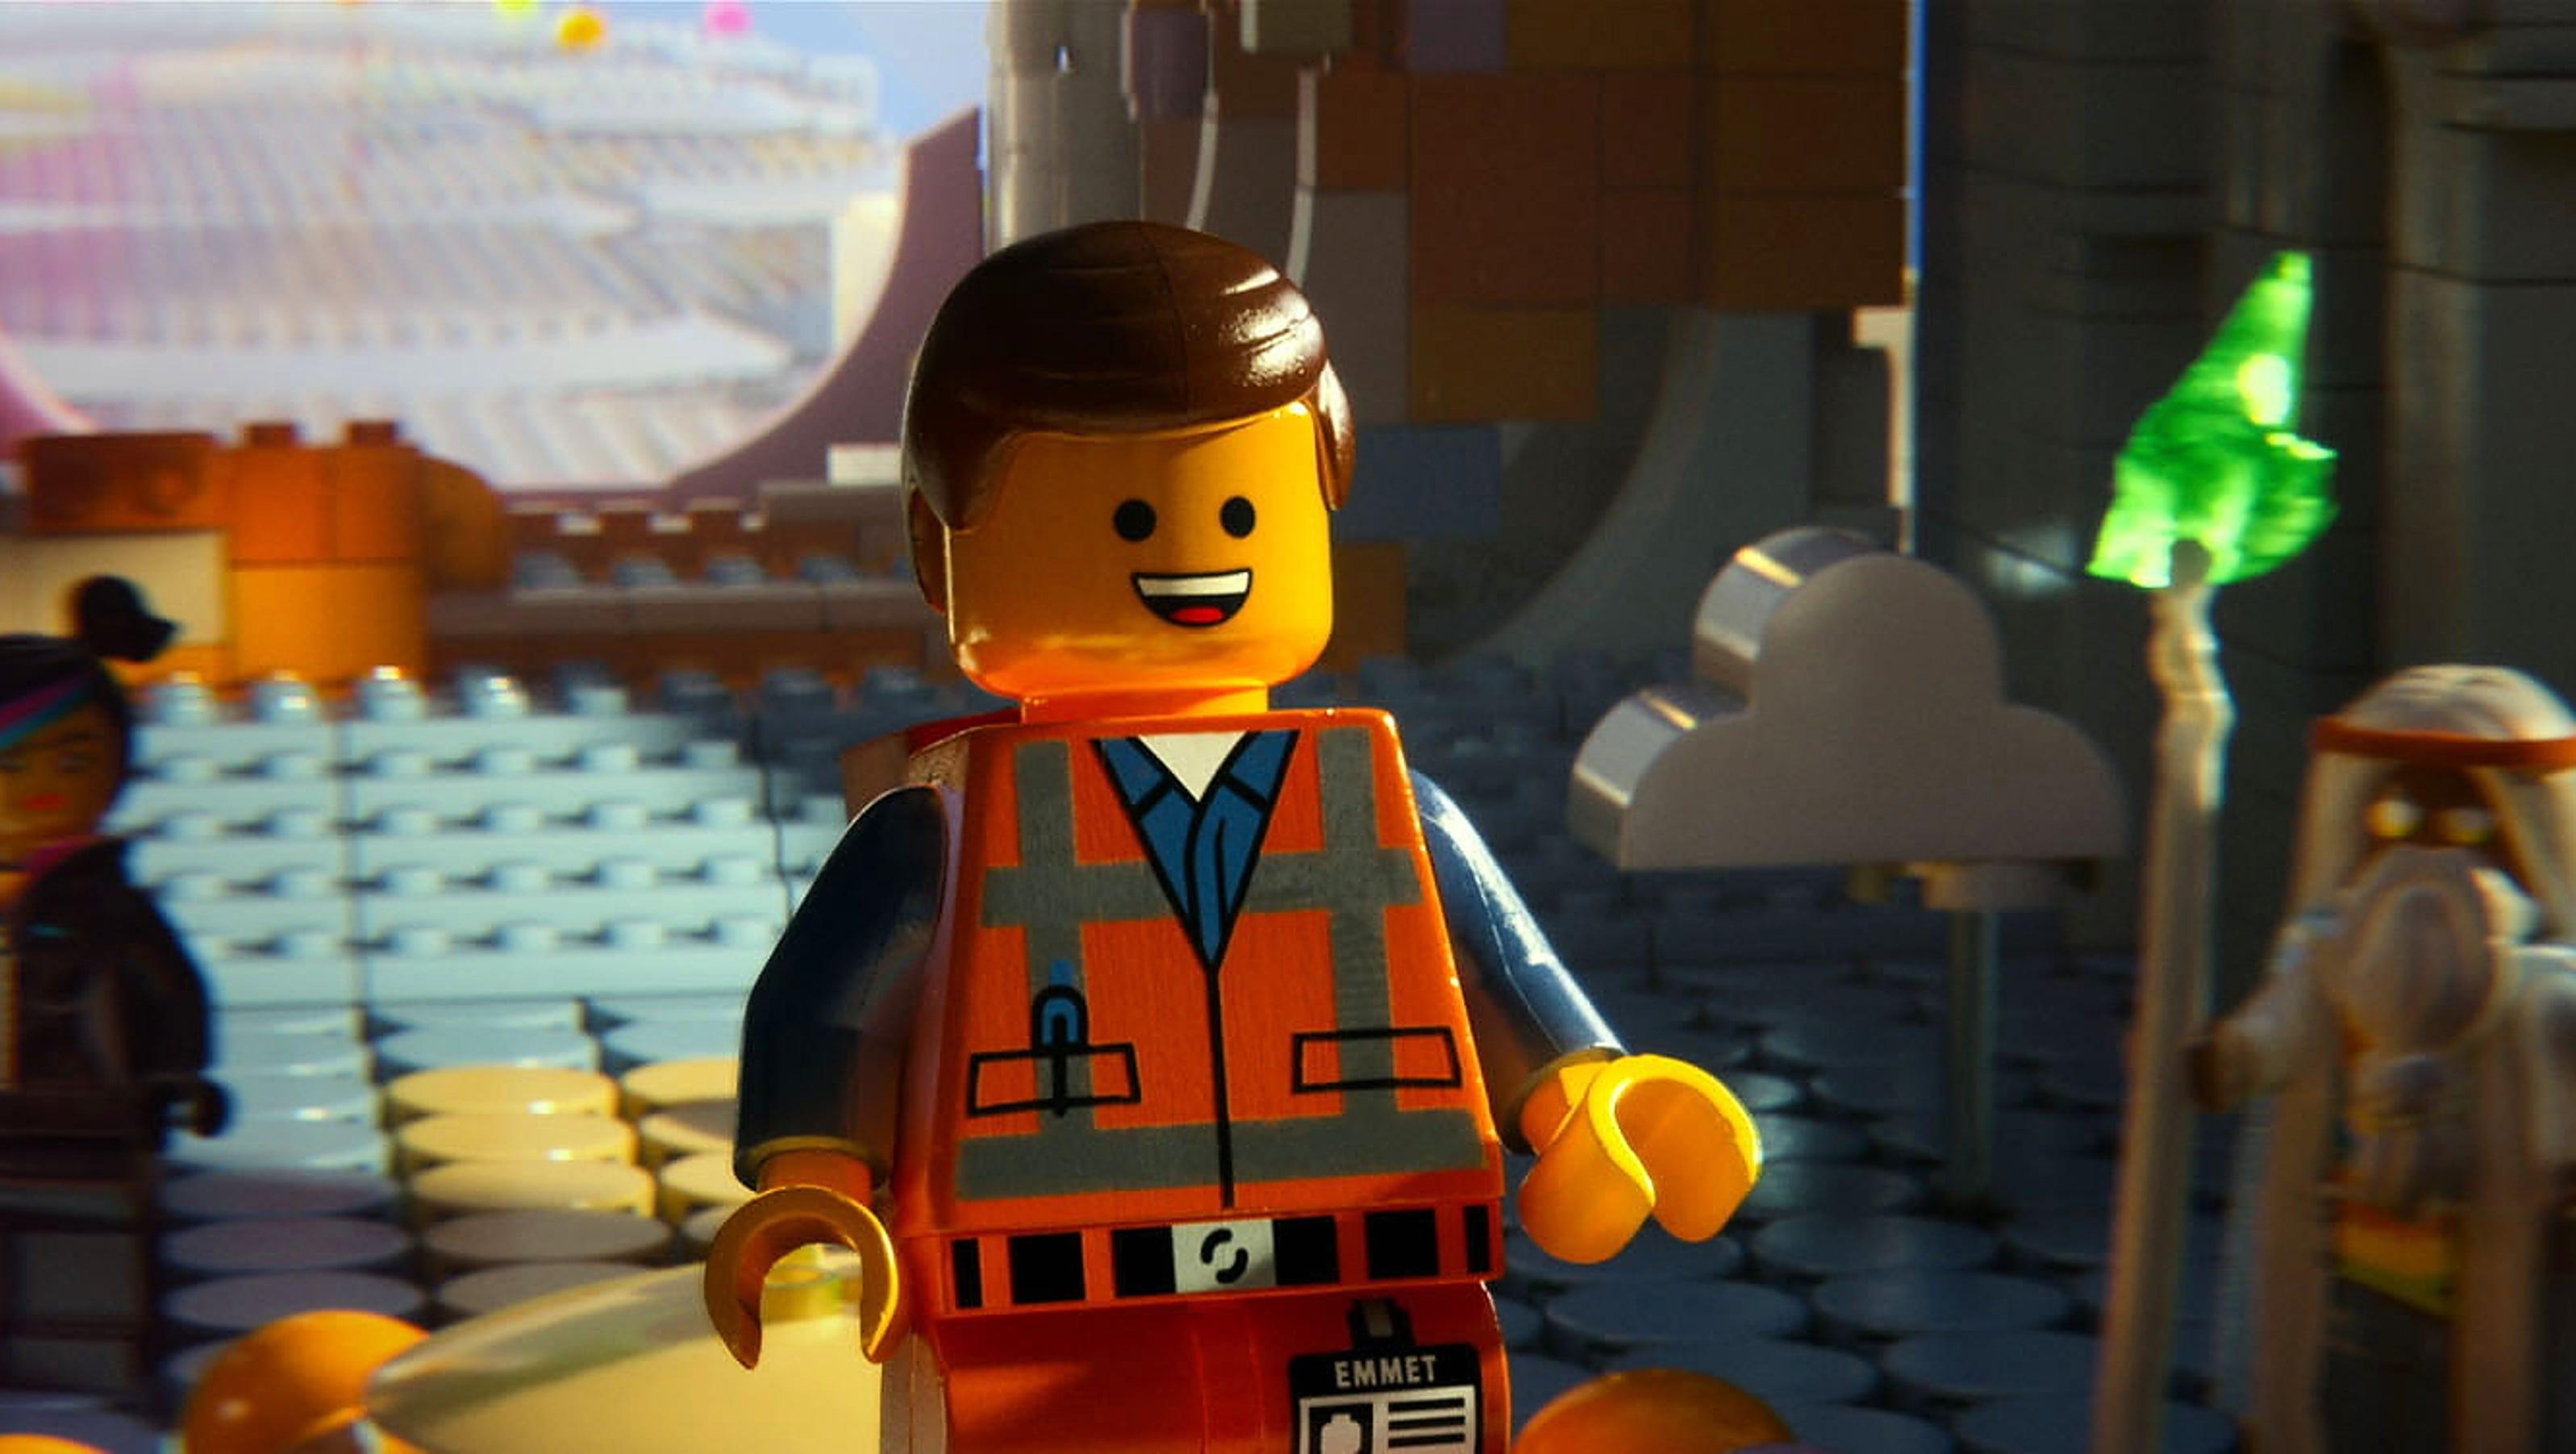 Lego Movie Emmet Went Through 150 Hairstyles